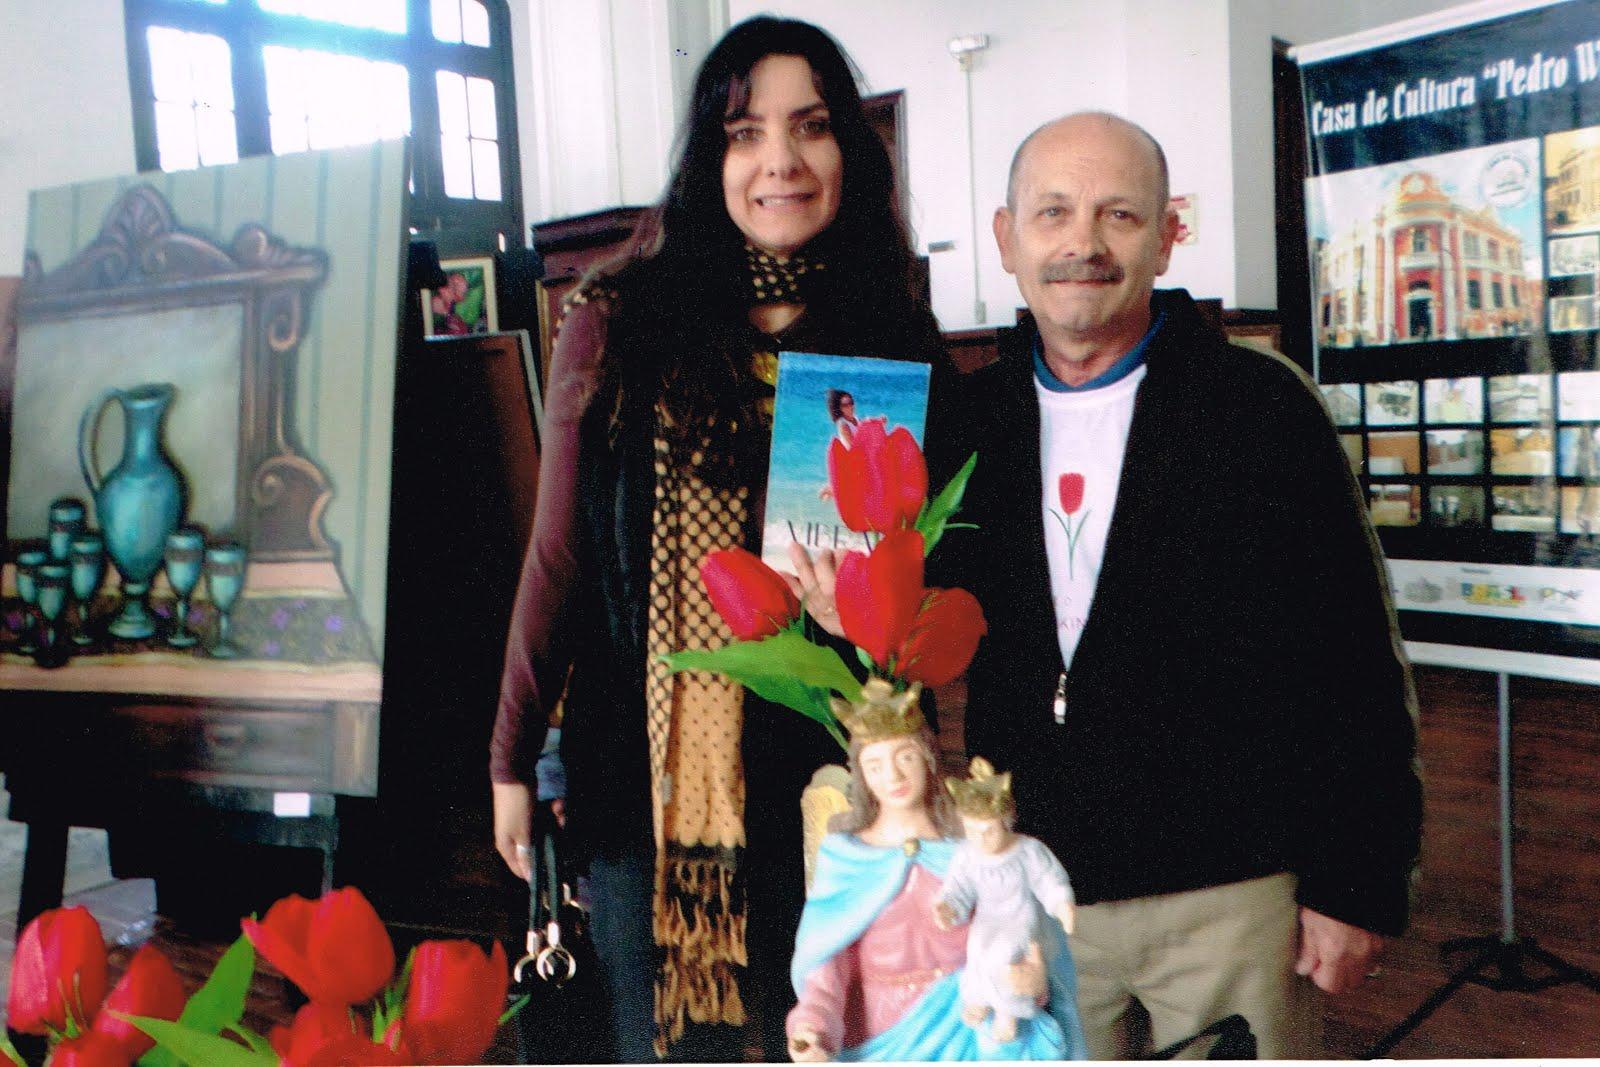 Manoel Ianzer e Anacarla Flores